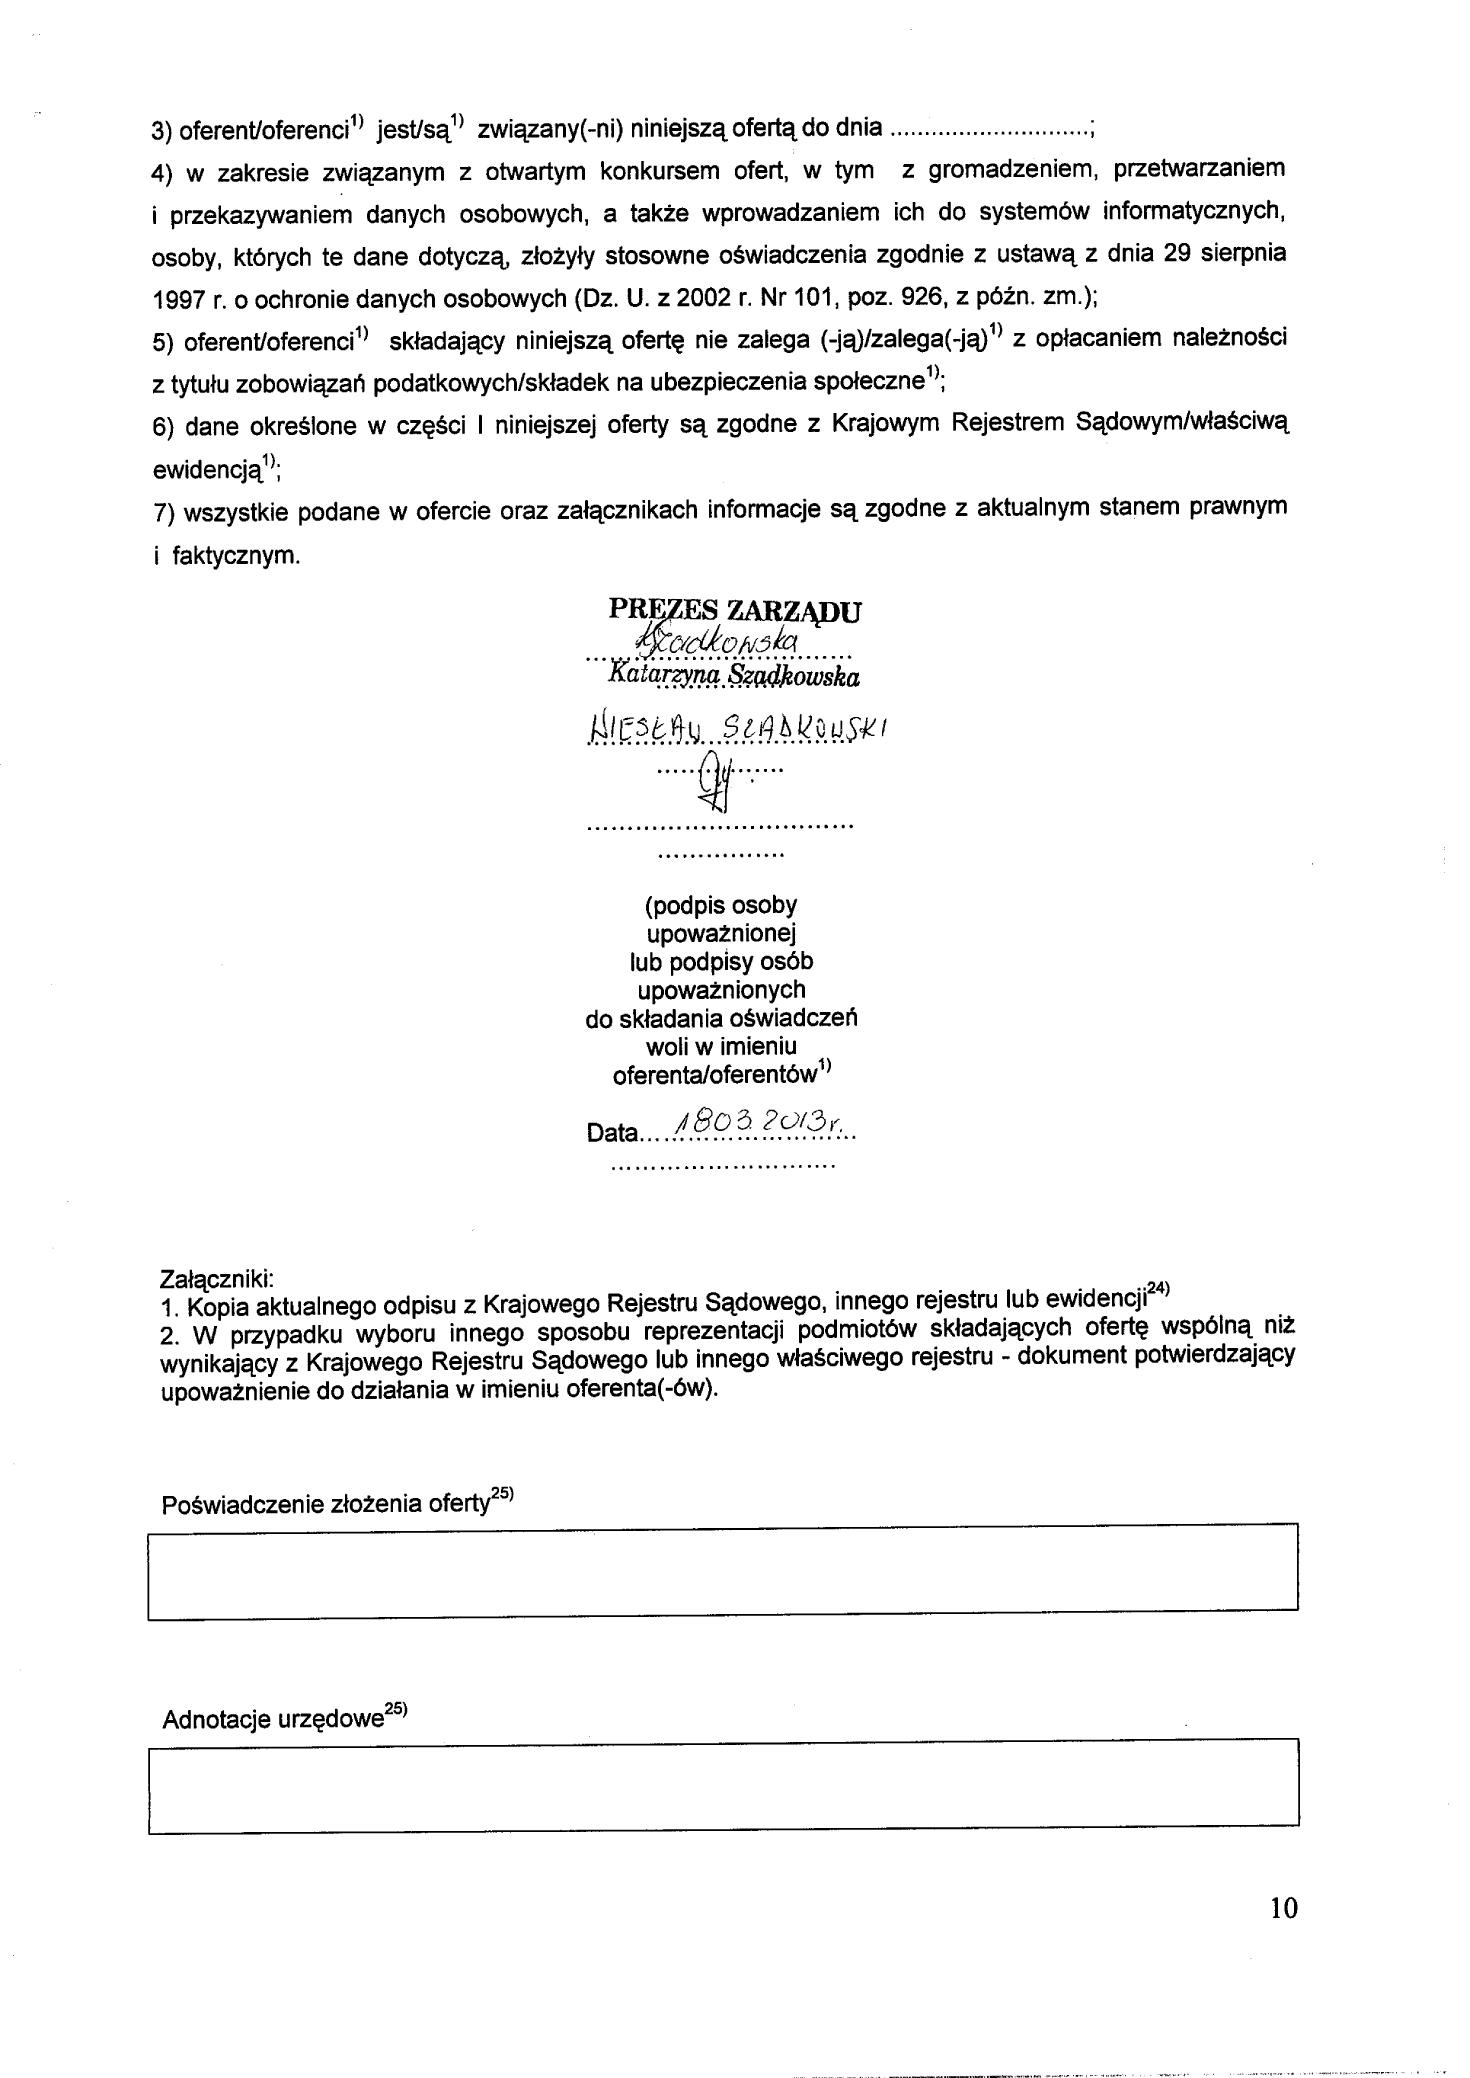 DOC130325072600(0001)10 copy.jpeg